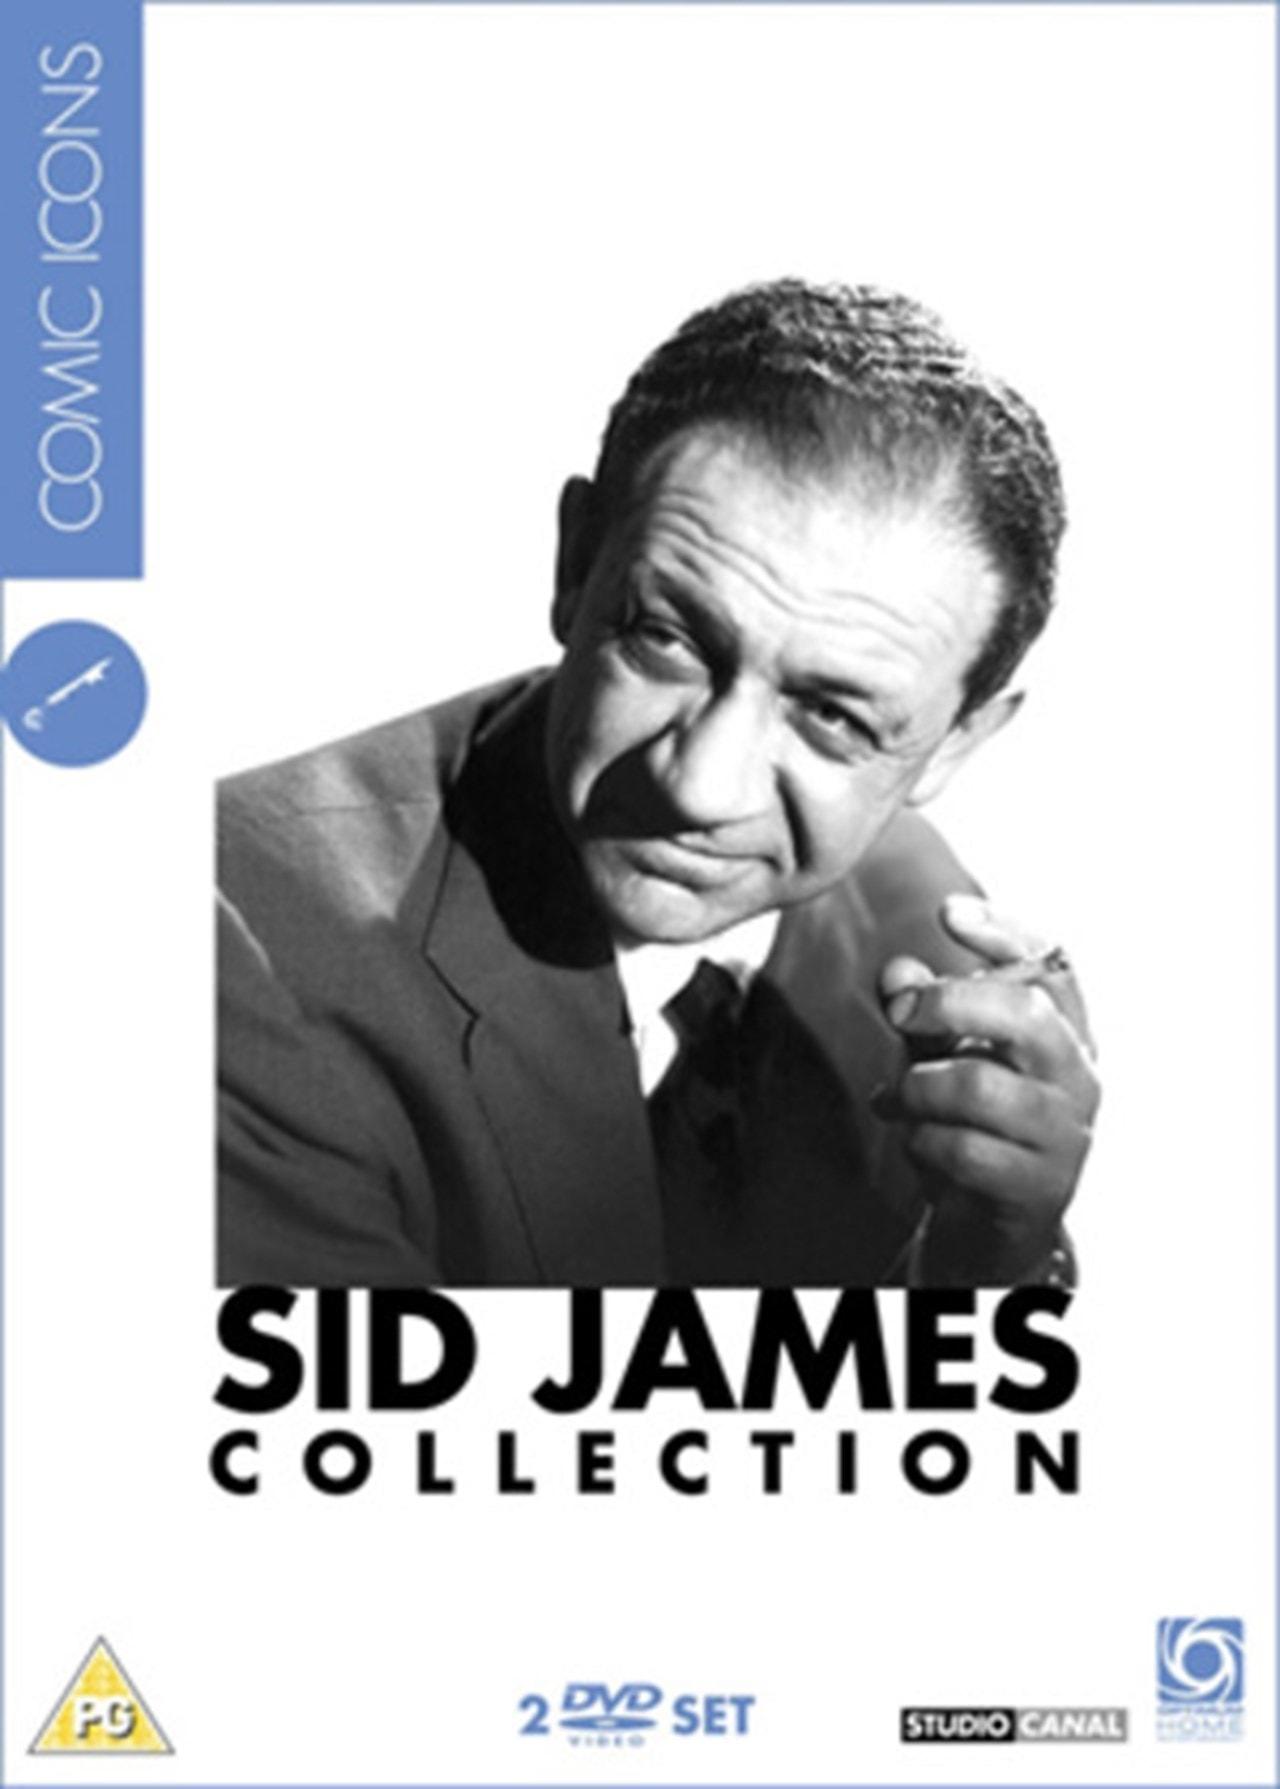 Sid James Collection: Comic Icons - 1